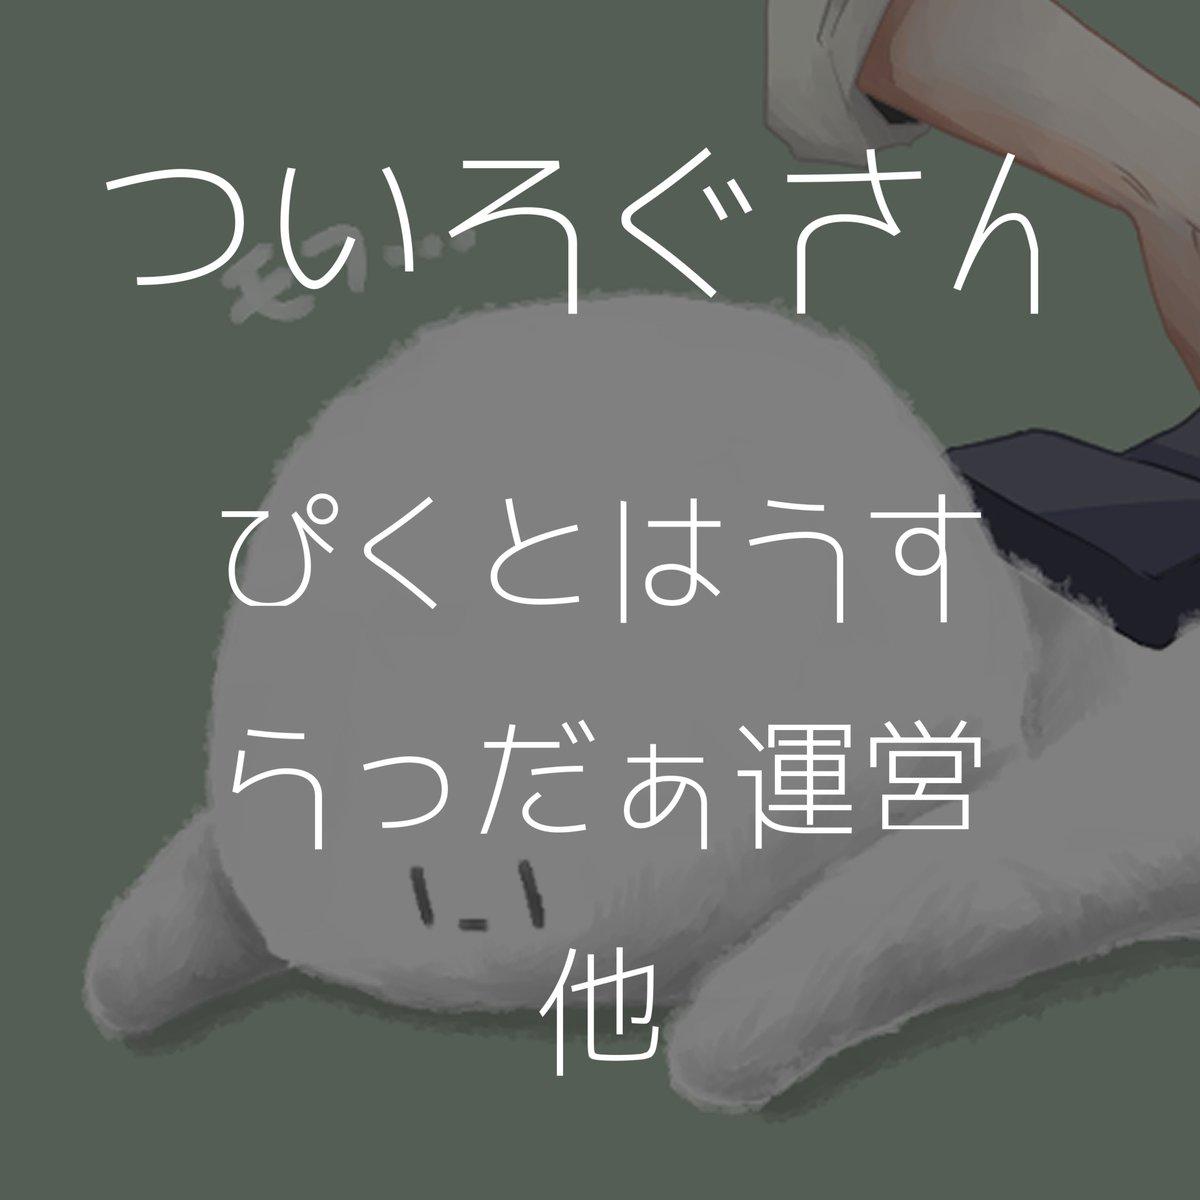 ついろぐさん | 米田 #pixiv  投稿した~~~~!!!!!よければ!!